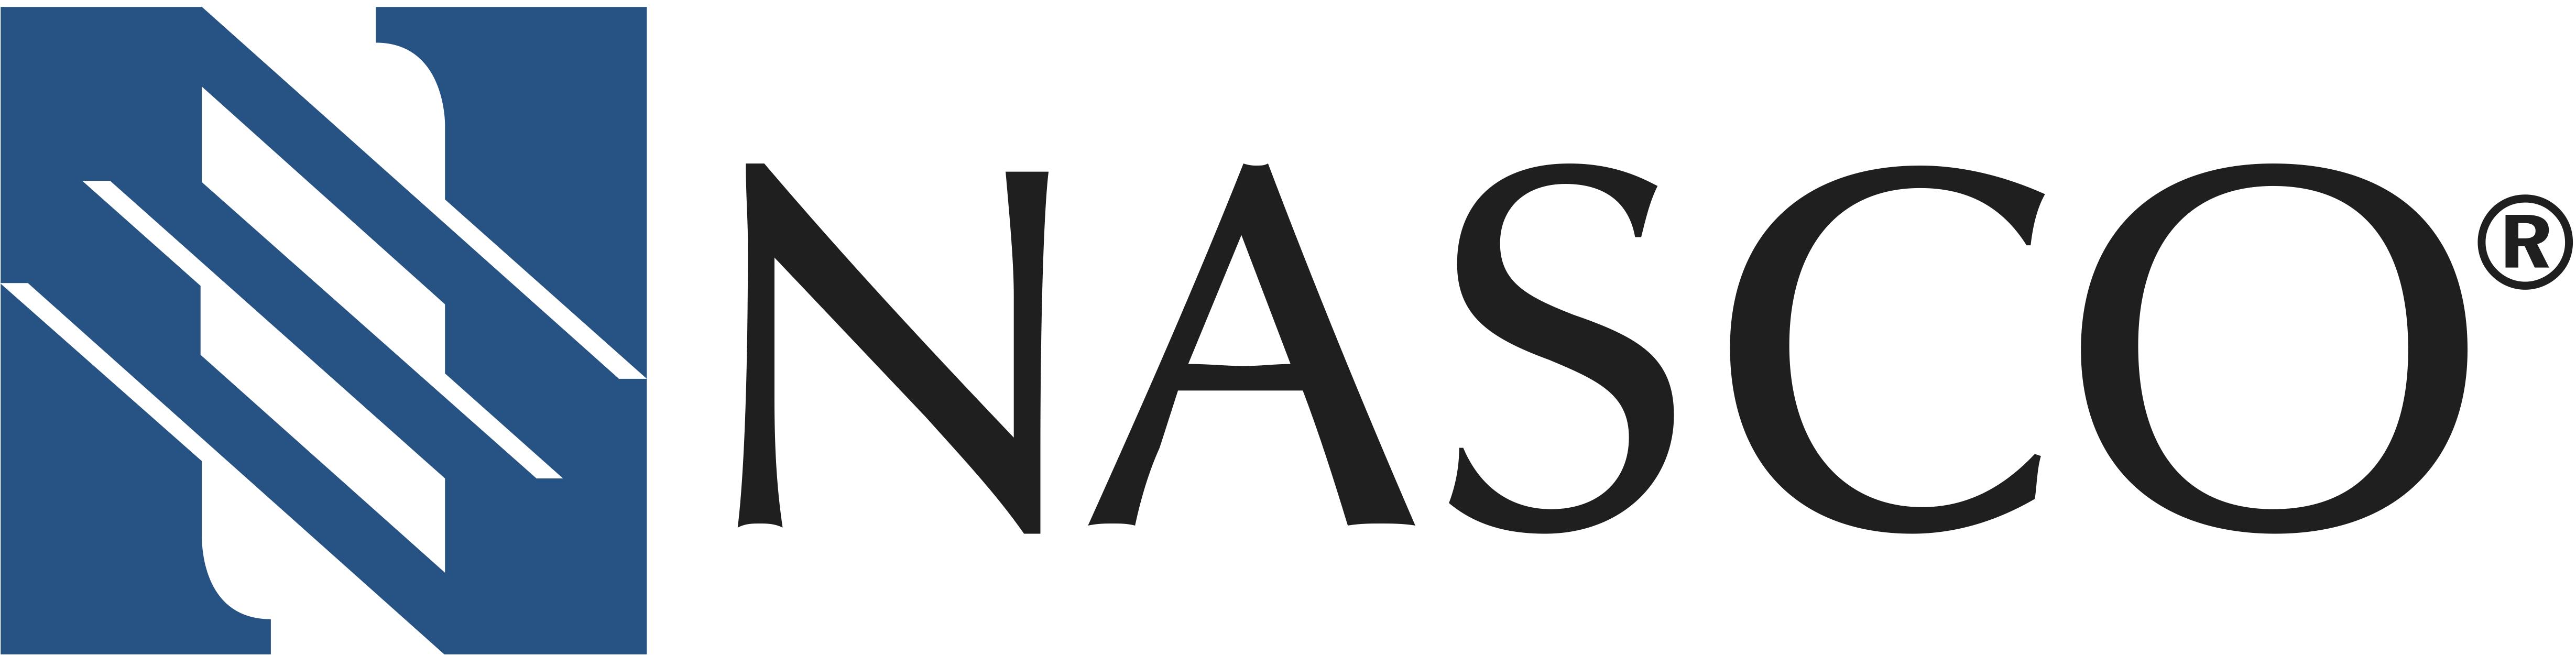 NASCO logo HealthTech